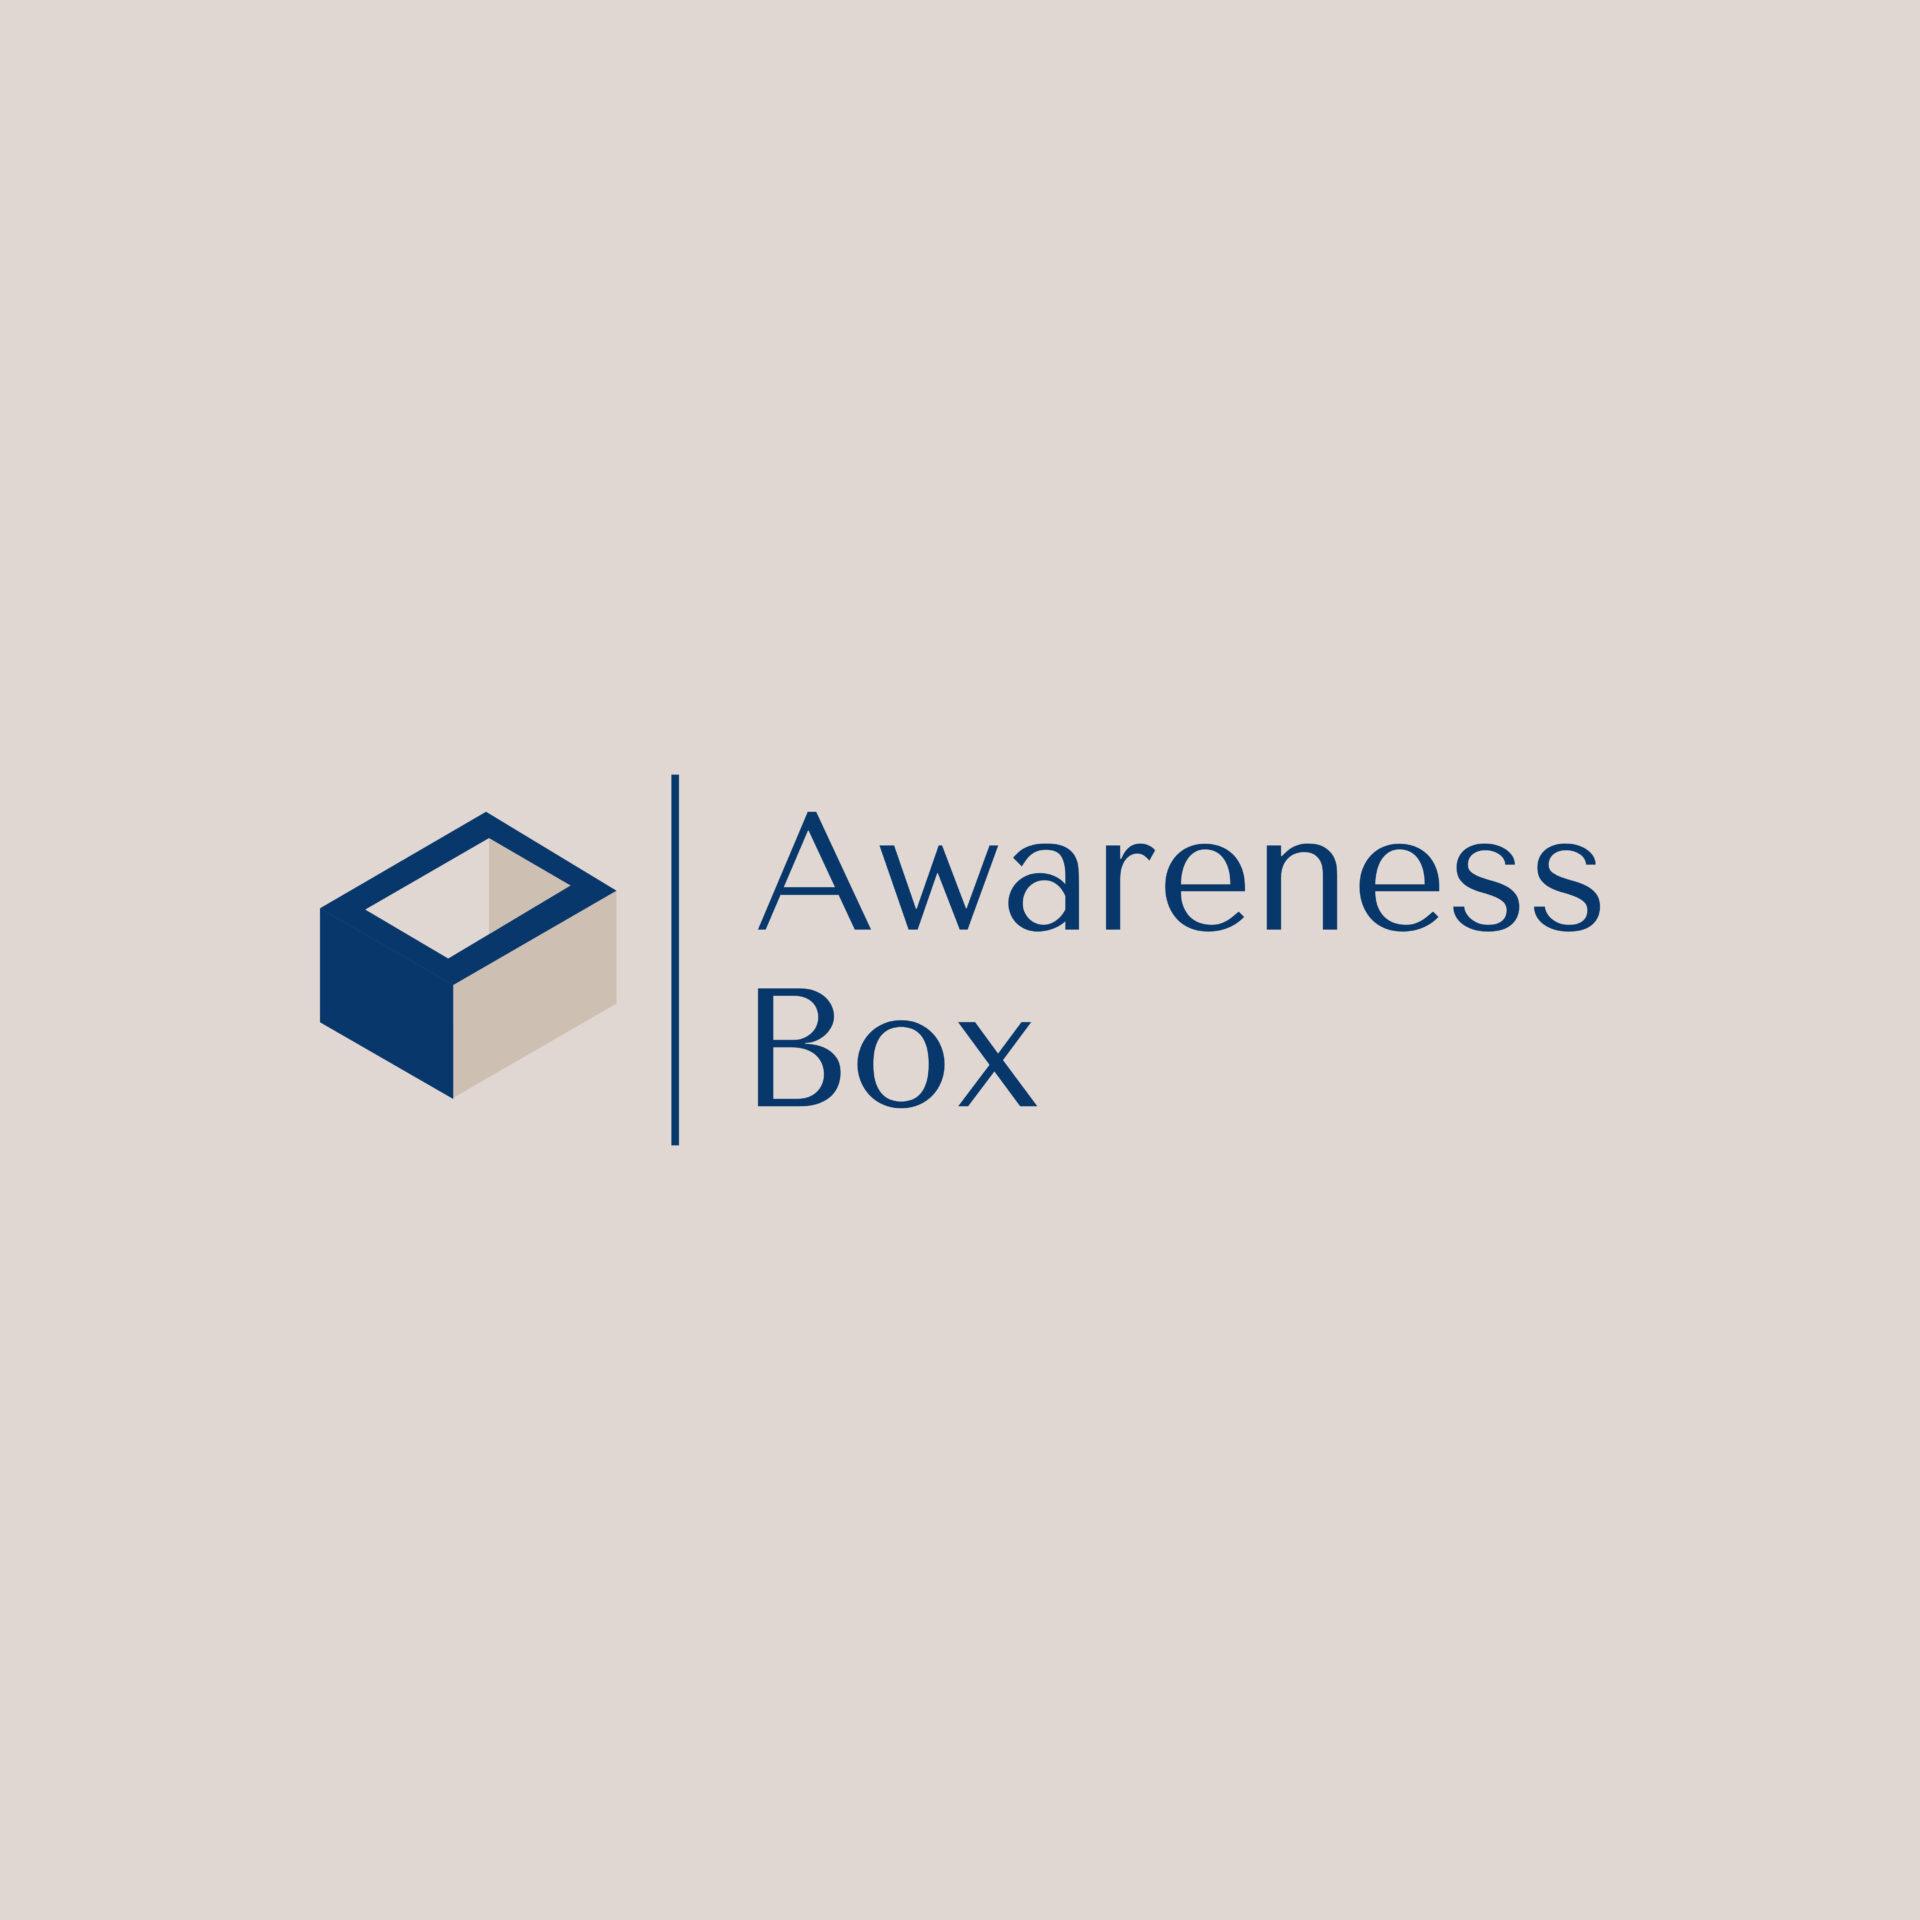 Awareness Box